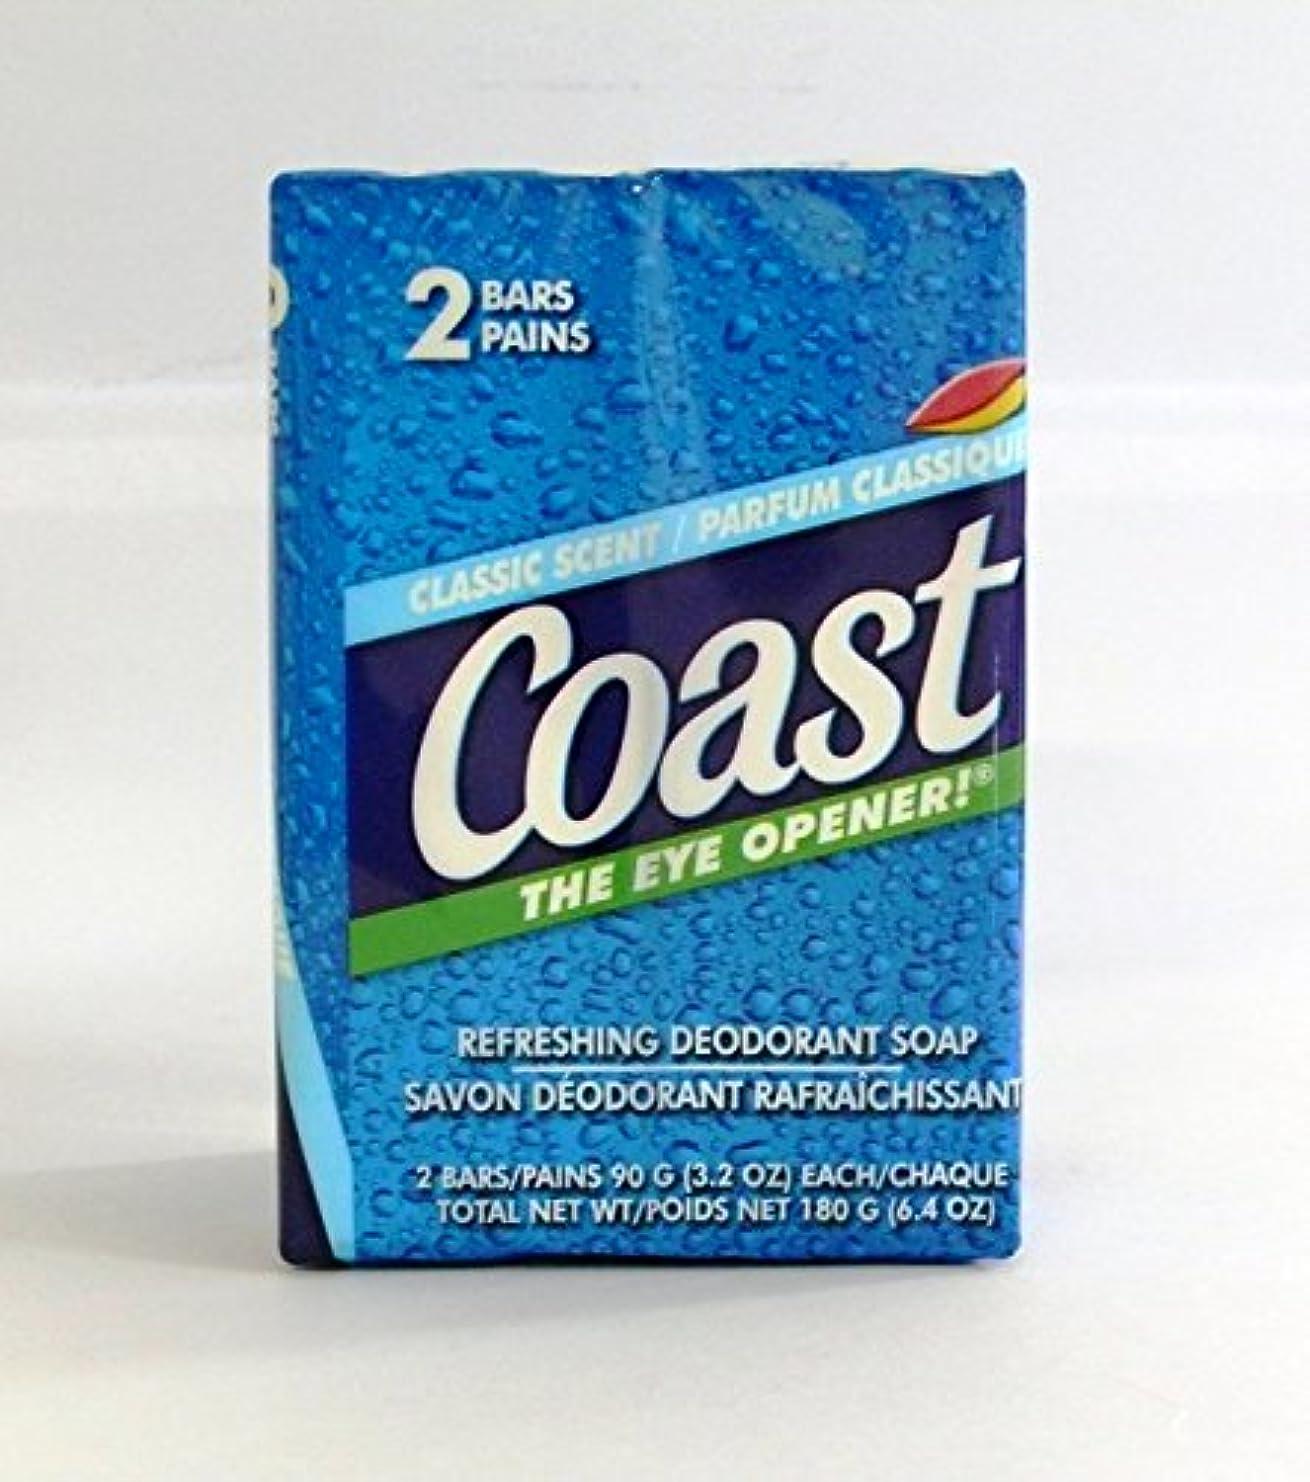 摘む偶然のインタフェースコースト 固形石鹸 クラシックセント 90g 2個入